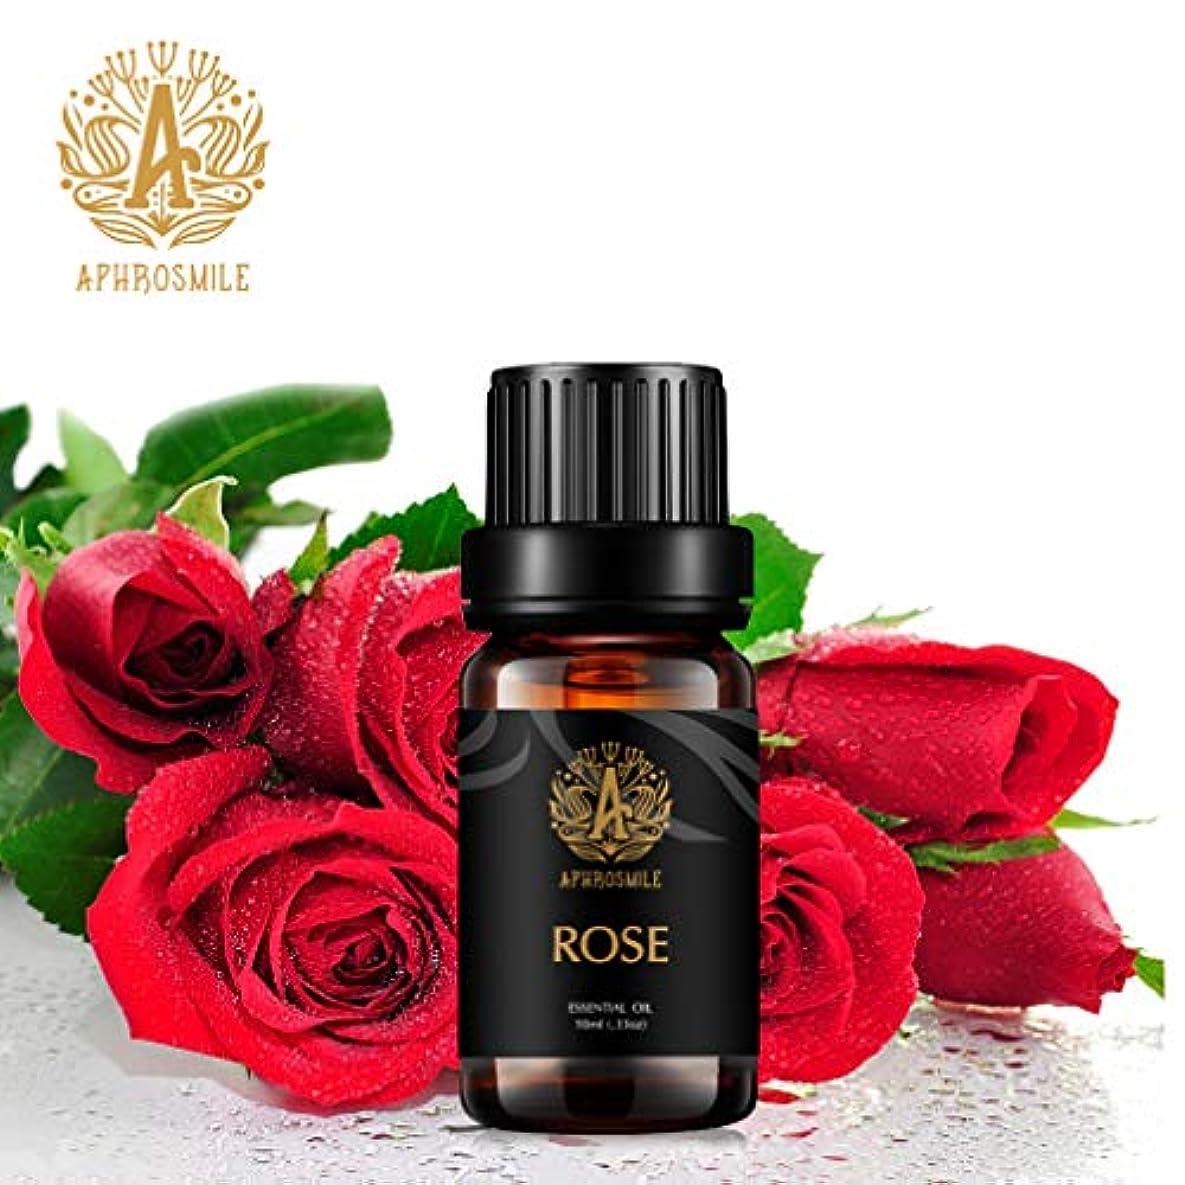 第九枯渇するありがたいローズエッセンシャルオイル、100%ピュアアロマセラピーエッセンシャルオイルローズの香り、肌に栄養を与え、治療用グレードエッセンシャルオイルローズの香り、為にディフューザー、マッサージ、加湿器、デイリーケア、0.33オンス...